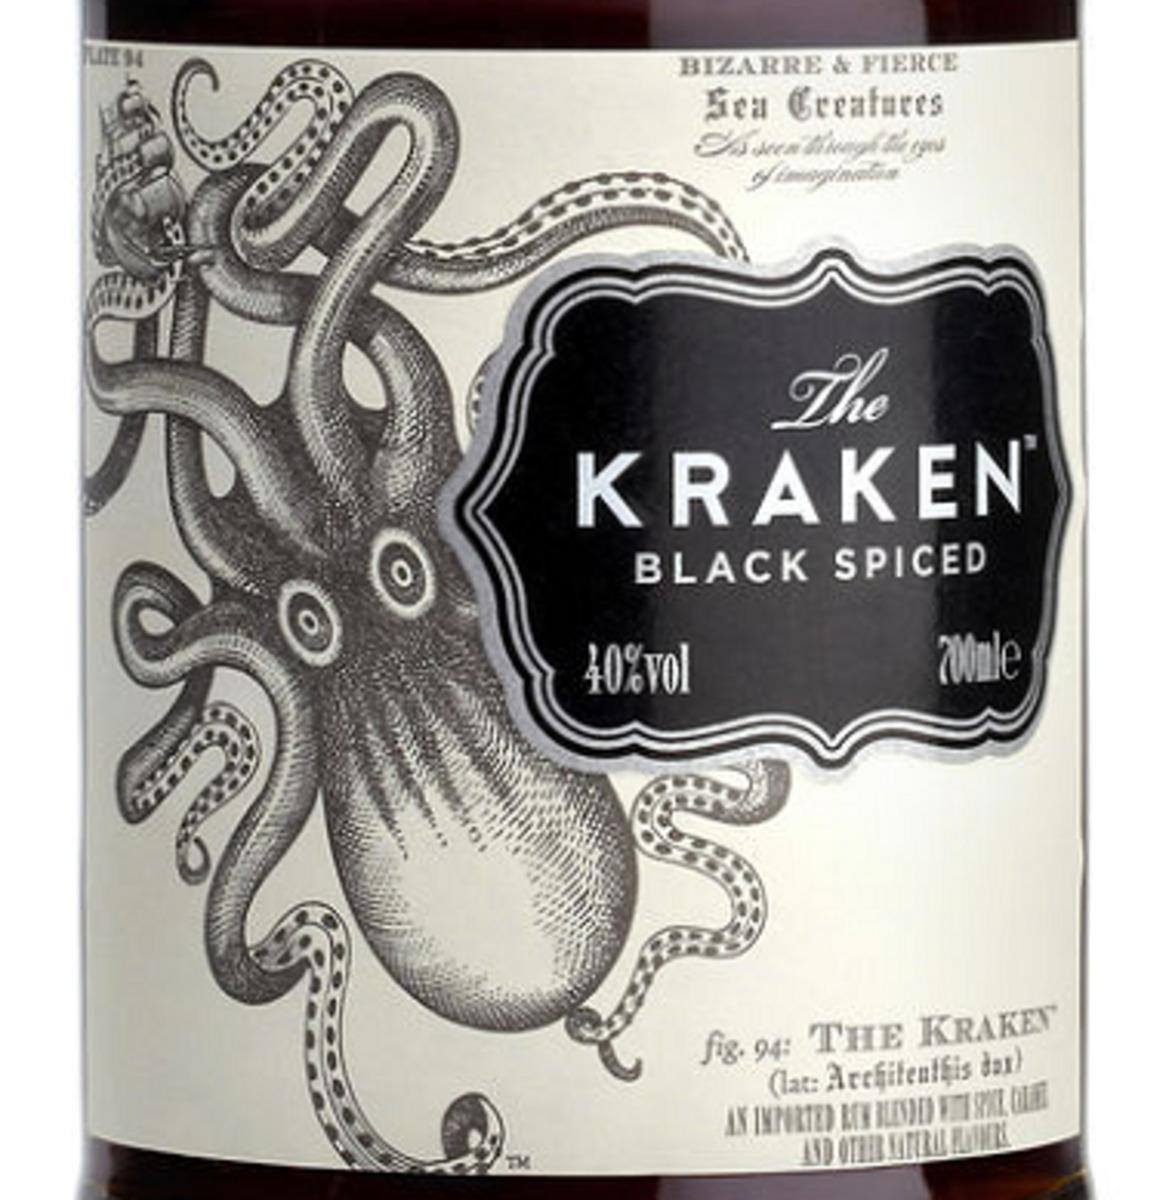 Bild 2 von The Kraken Black Spiced Rum